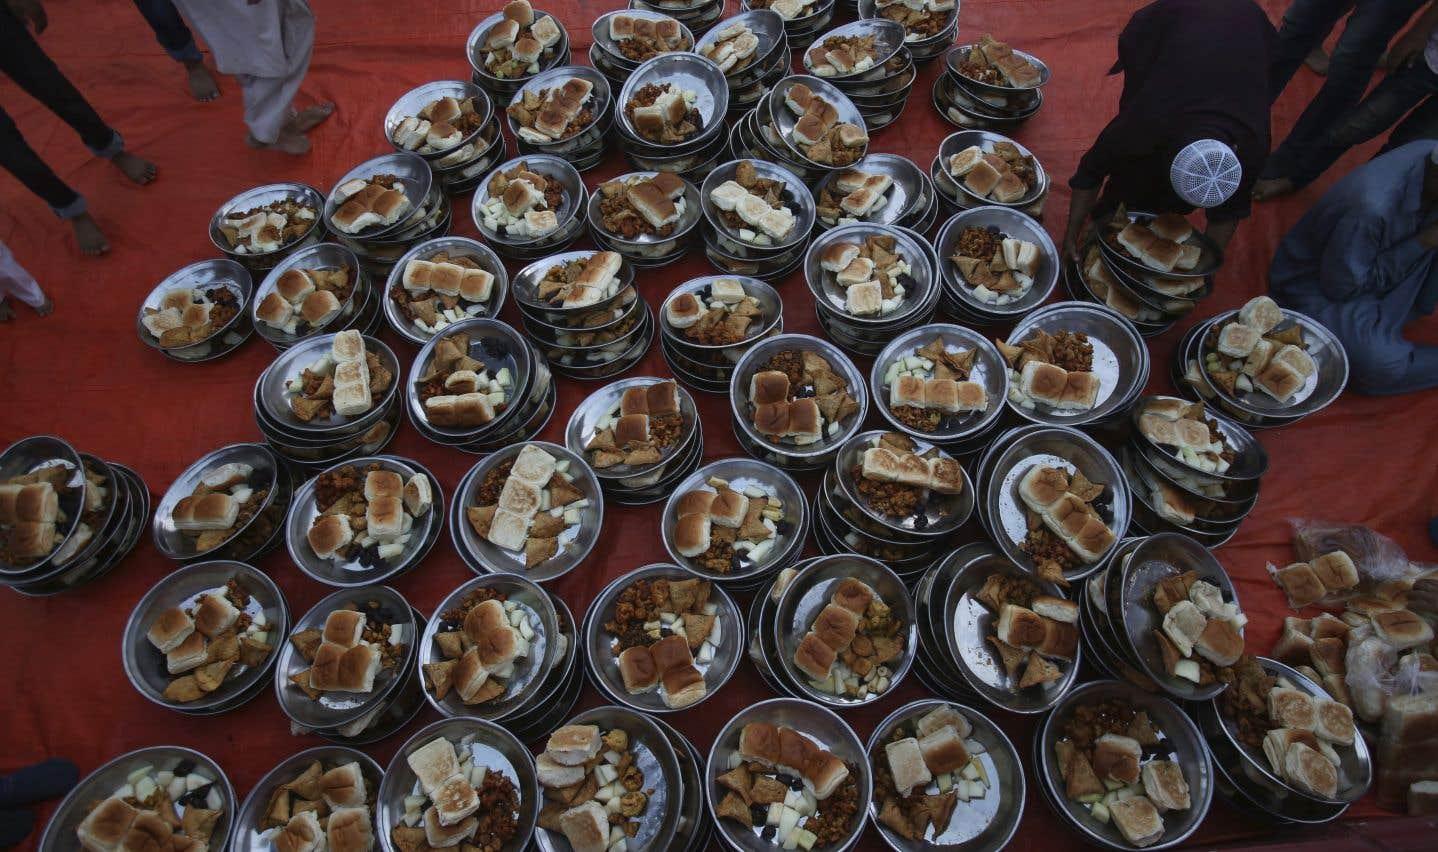 Au Pakistan, un bénévole prépare le repas qui sera servi aux musulmans d'une mosquée afin de briser le jeûne, lors de cette première journée du ramadan.